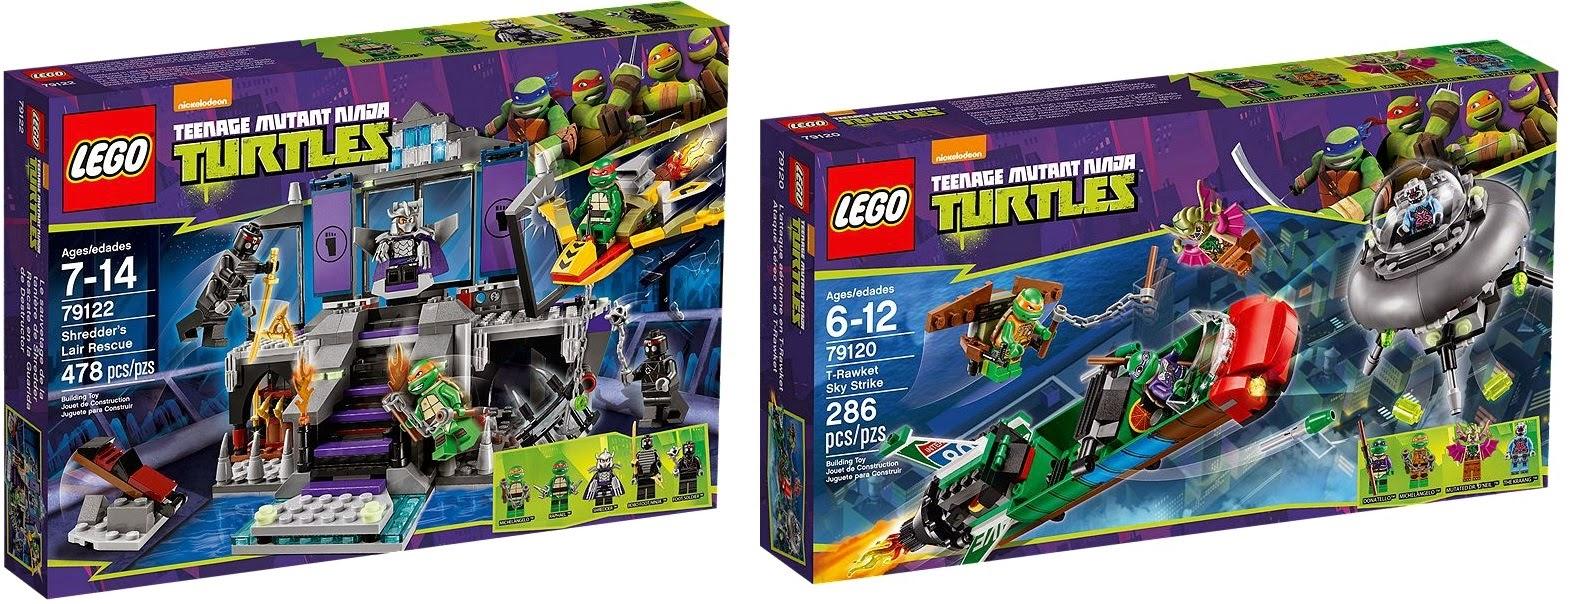 LEGO Teenage Mutant Ninja Turtle, Nickelodeon, LEGO 2014